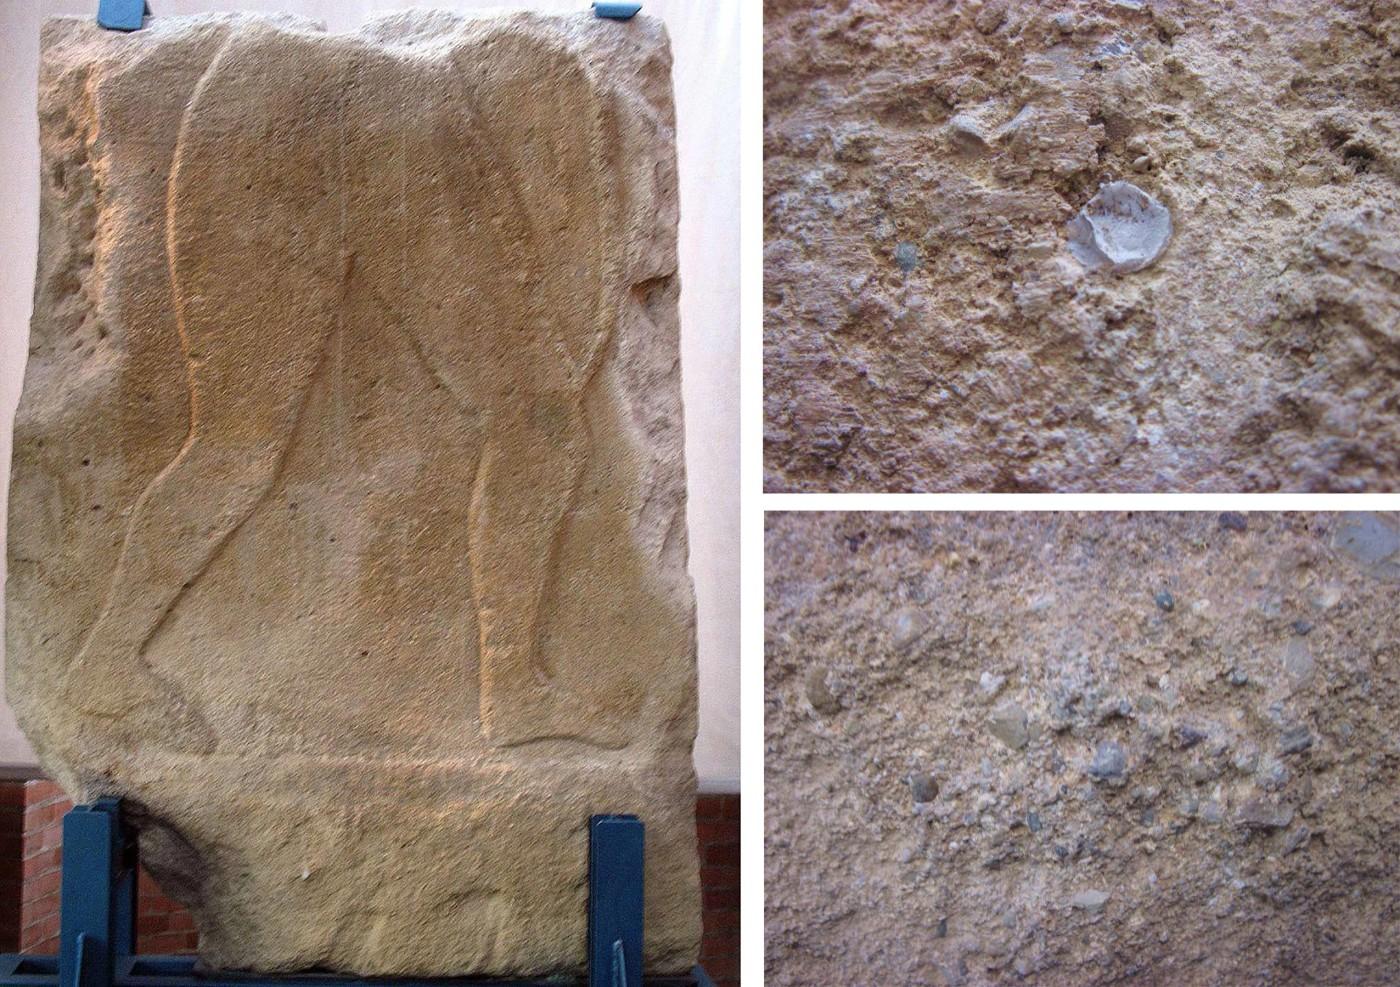 Fig. 3 – Stele rinvenuta durante gli scavi della Tomba dell'Arciere che si trova attualmente presso il Museo Archeologico di S.Casciano V. Pesa e particolari del materiale arenaceo-conglomeratico con cui è stata realizzata , si notino la presenza di resti di fossili e la disomogeneità delle dimensioni dei clasti